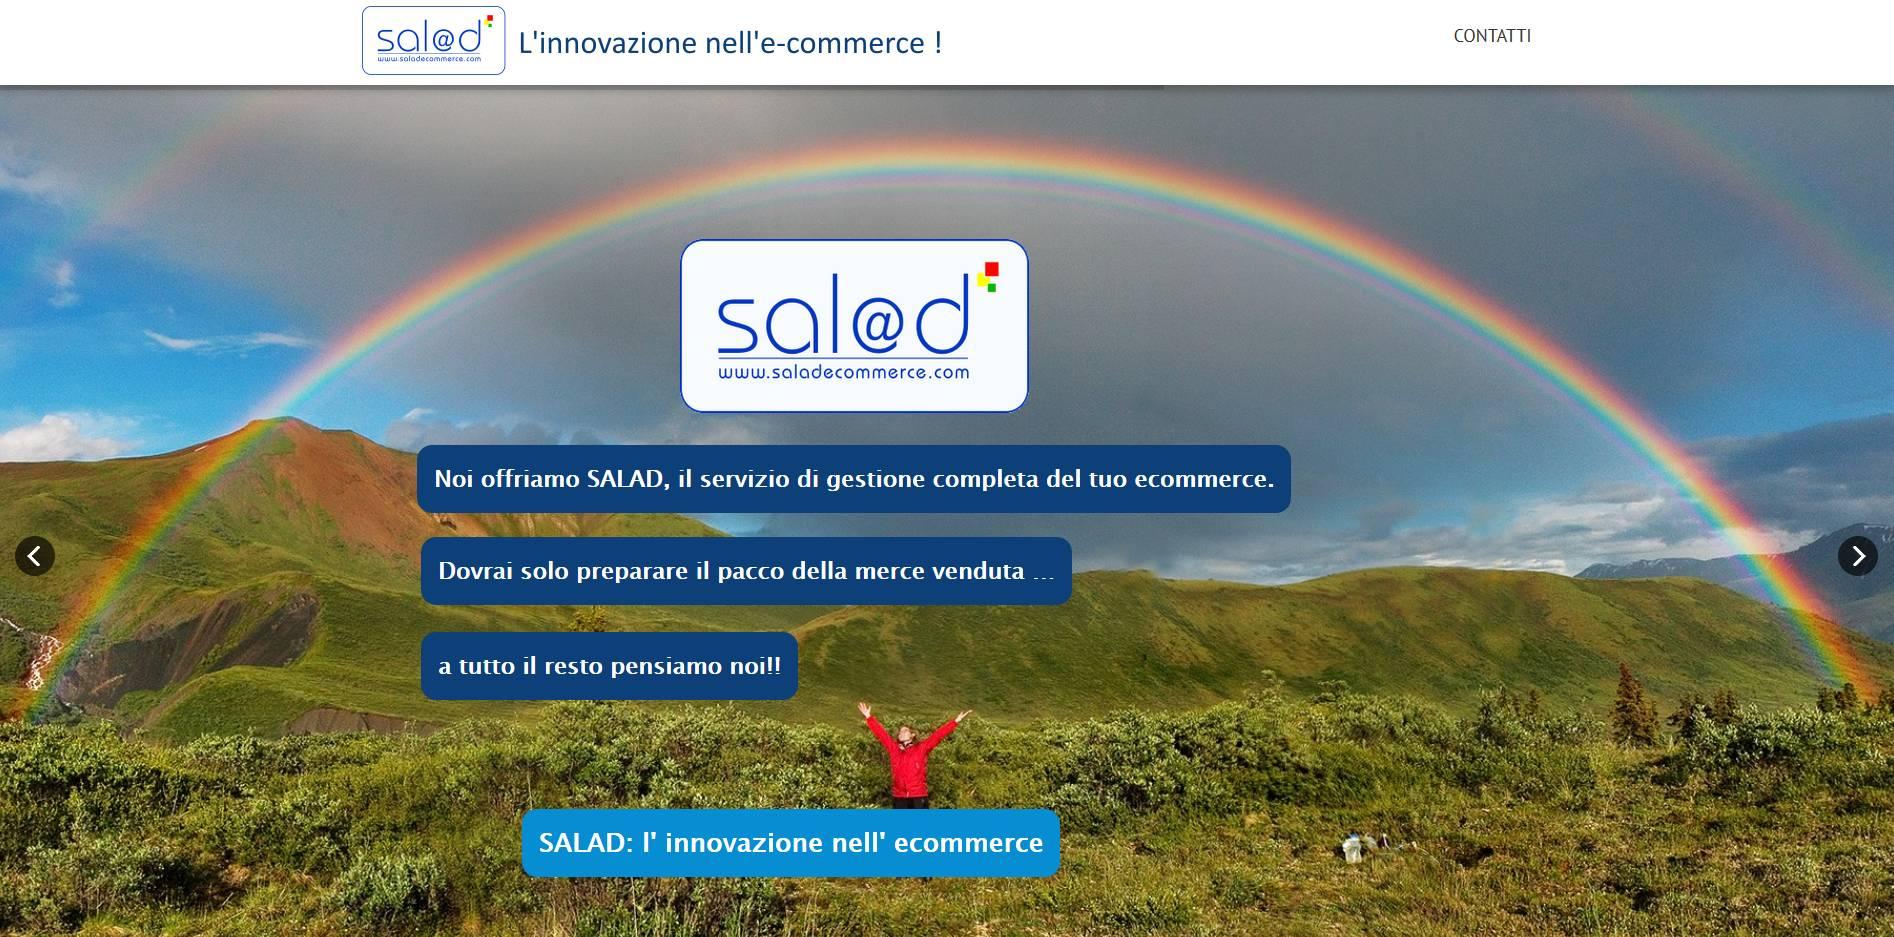 scs web factory sito tecnico presentazione prodotto